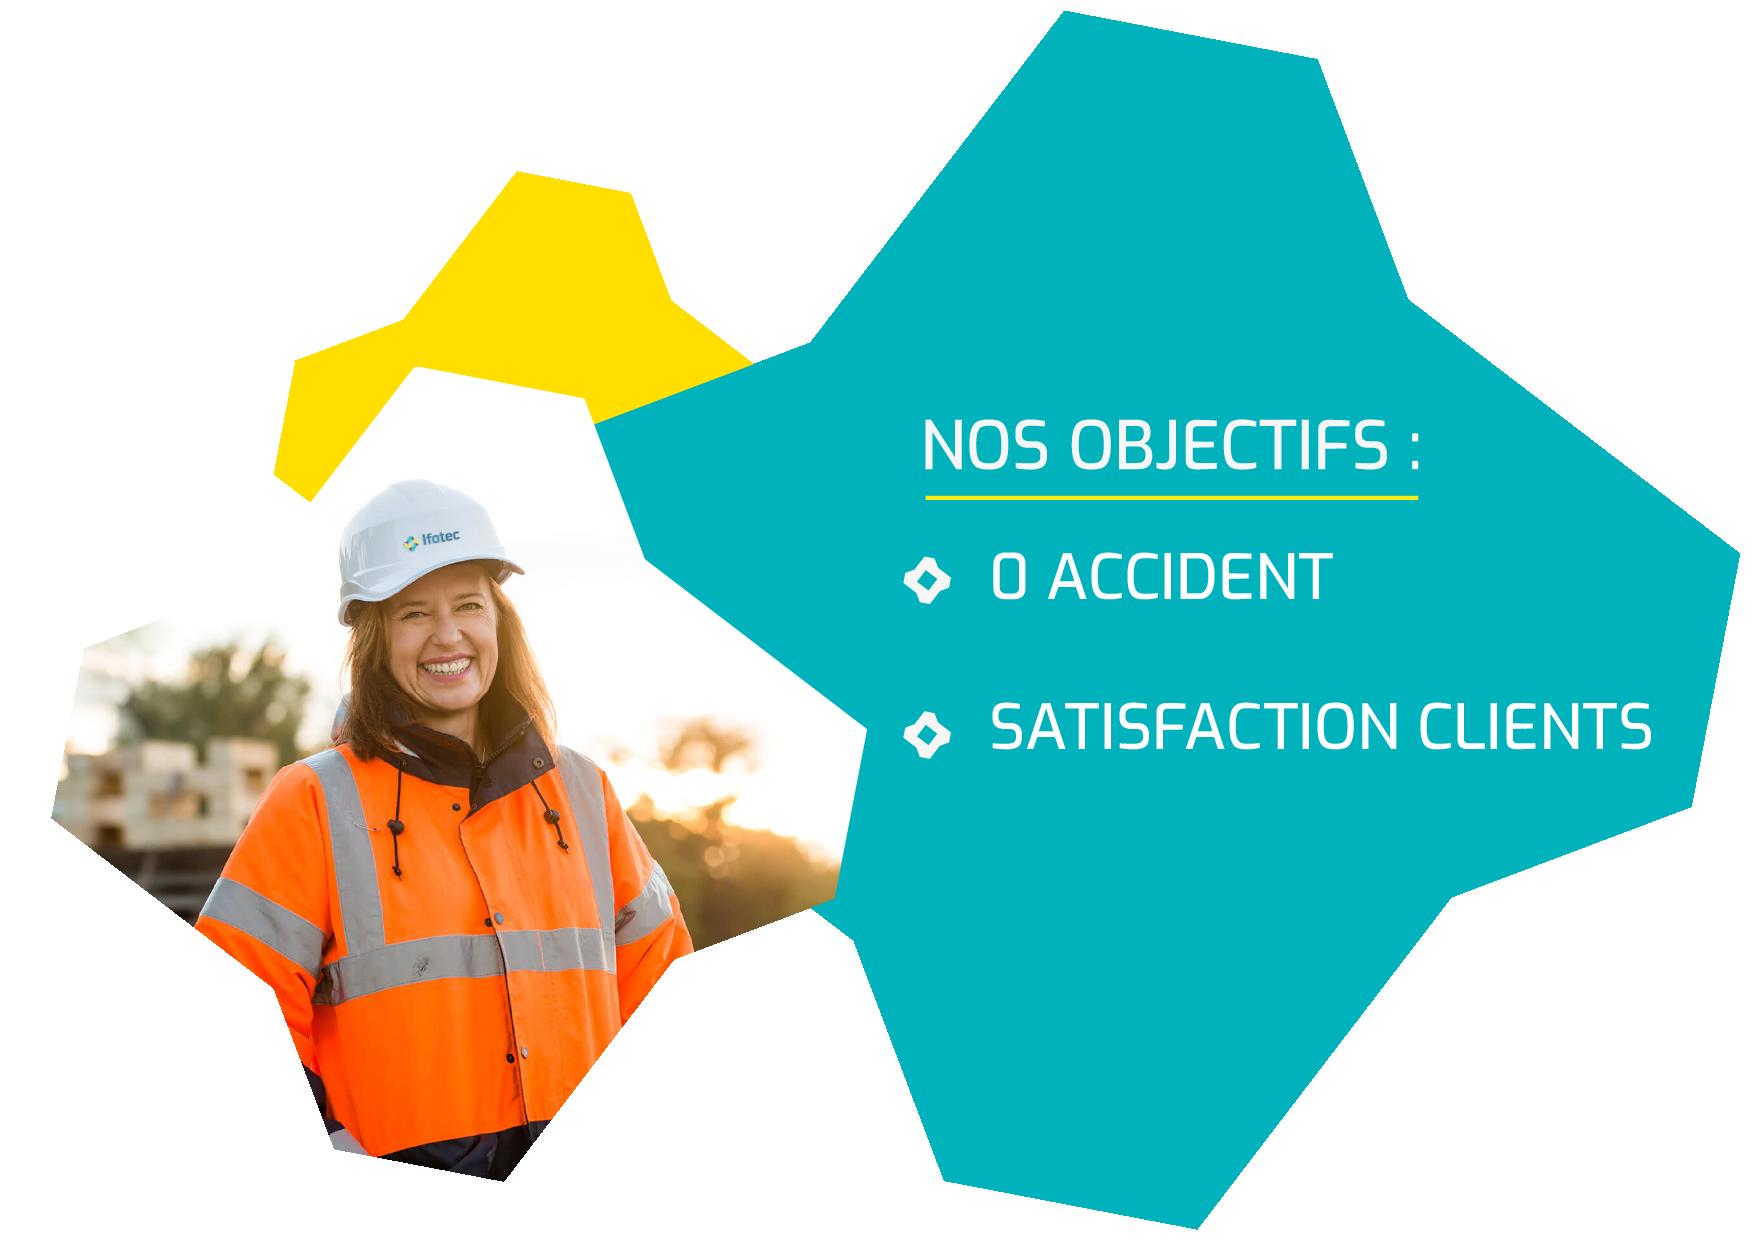 Nos Objectifs - IFOTEC